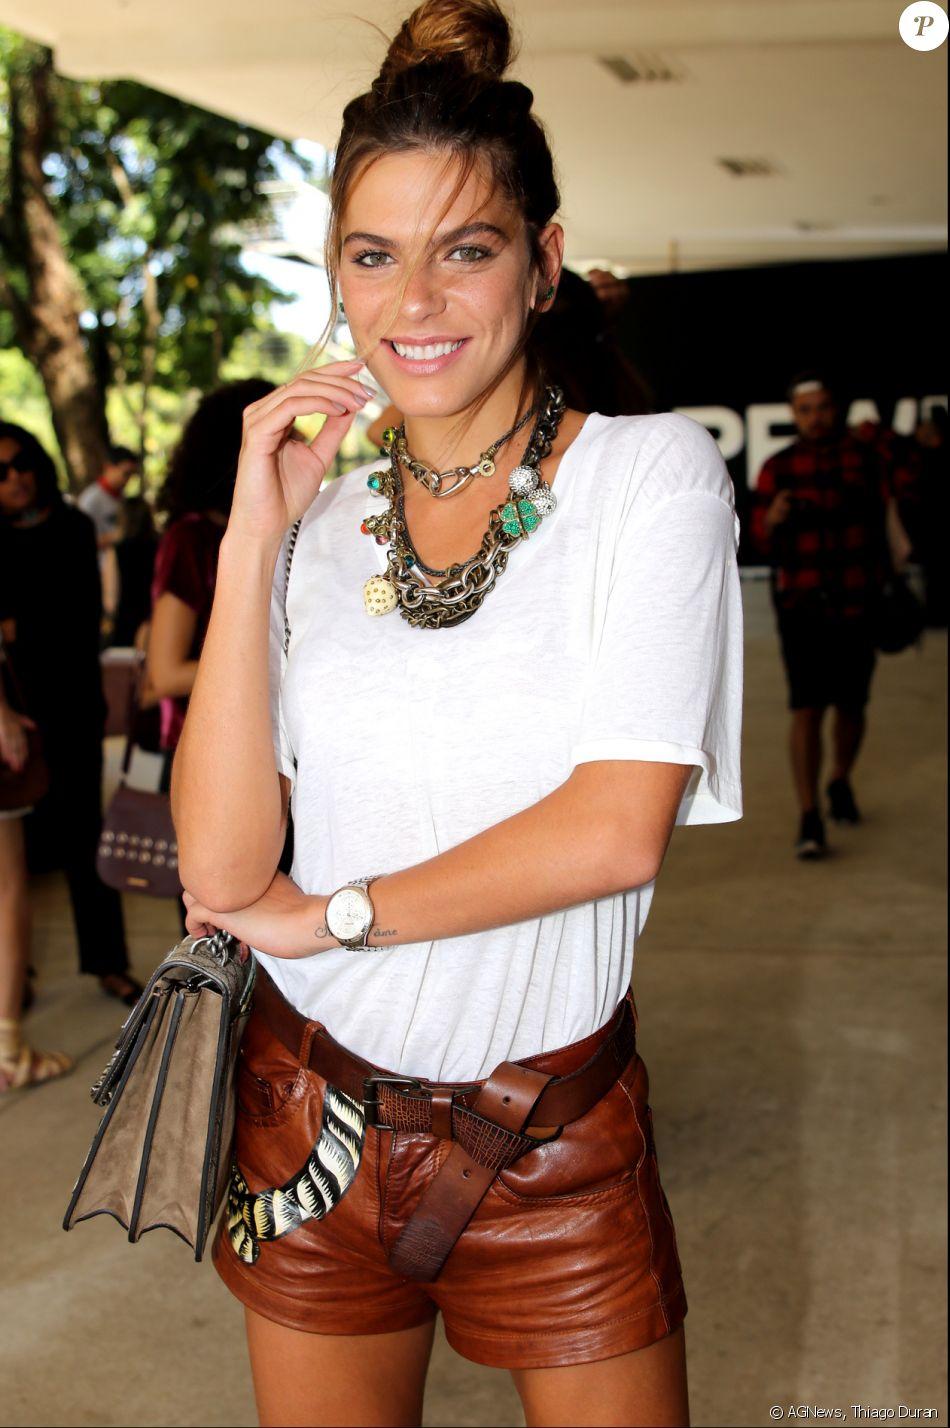 Mariana Goldfarb assistiu aos desfiles do São Paulo Fashion Week, nesta quinta-feira, 16 de março de 2017